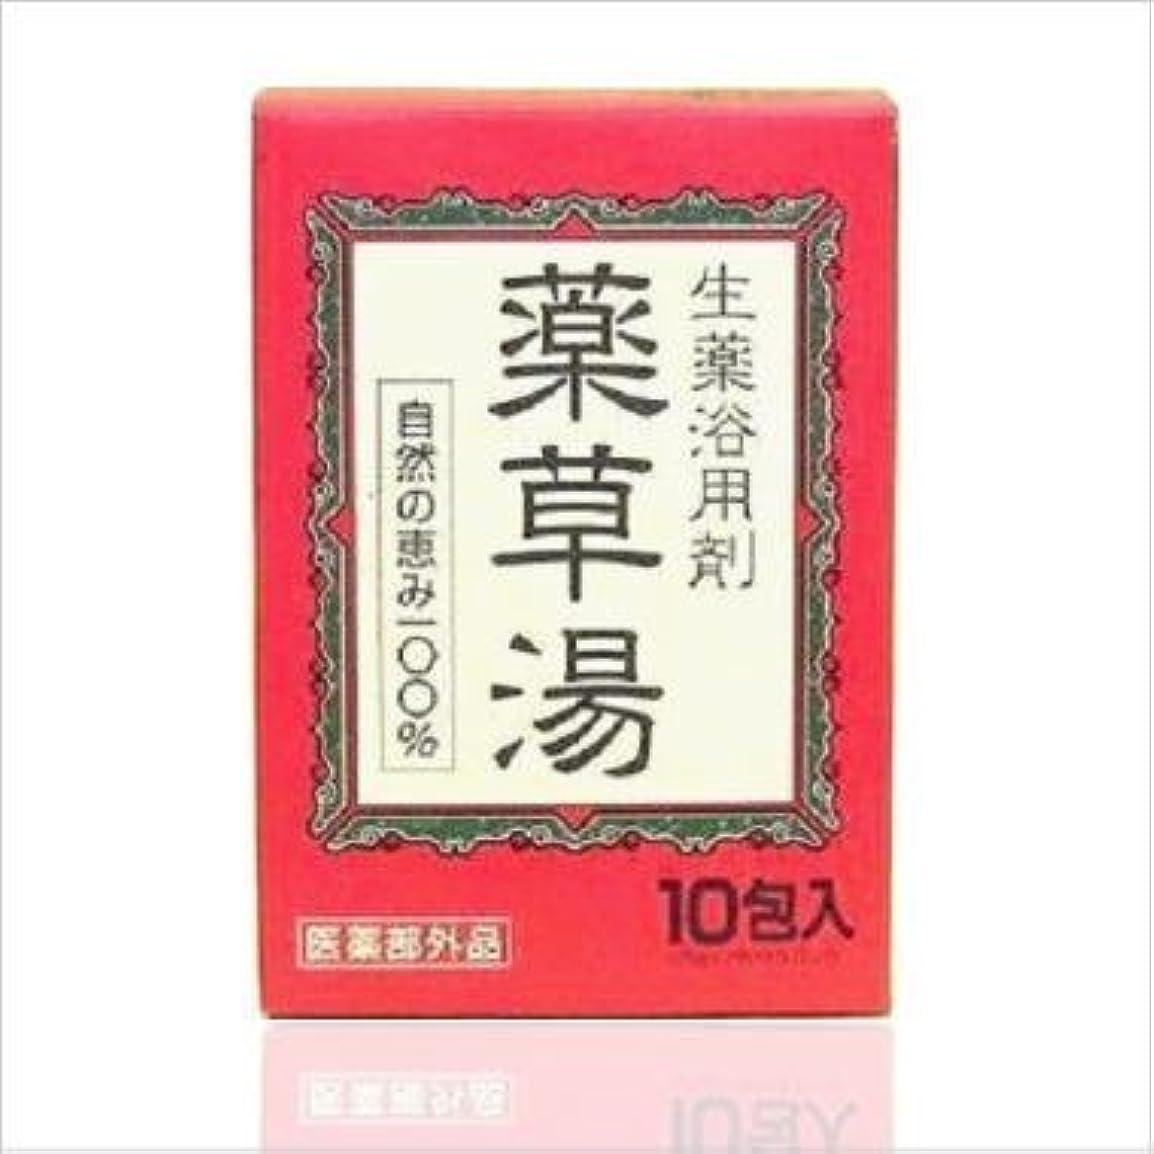 厳しい本当にアンティークライオンケミカル 生薬浴用剤 薬草湯 10包 x 24個セット